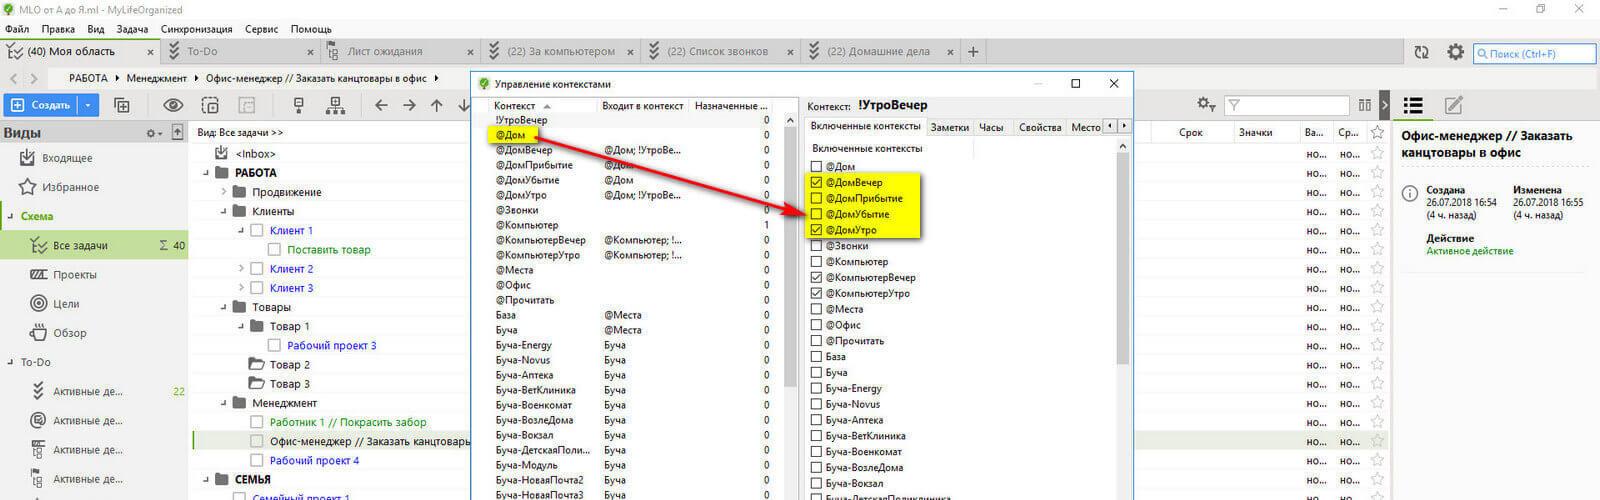 Контексты позволяют создавать гибкие списки благодаря вложенности, определения по времени и месту